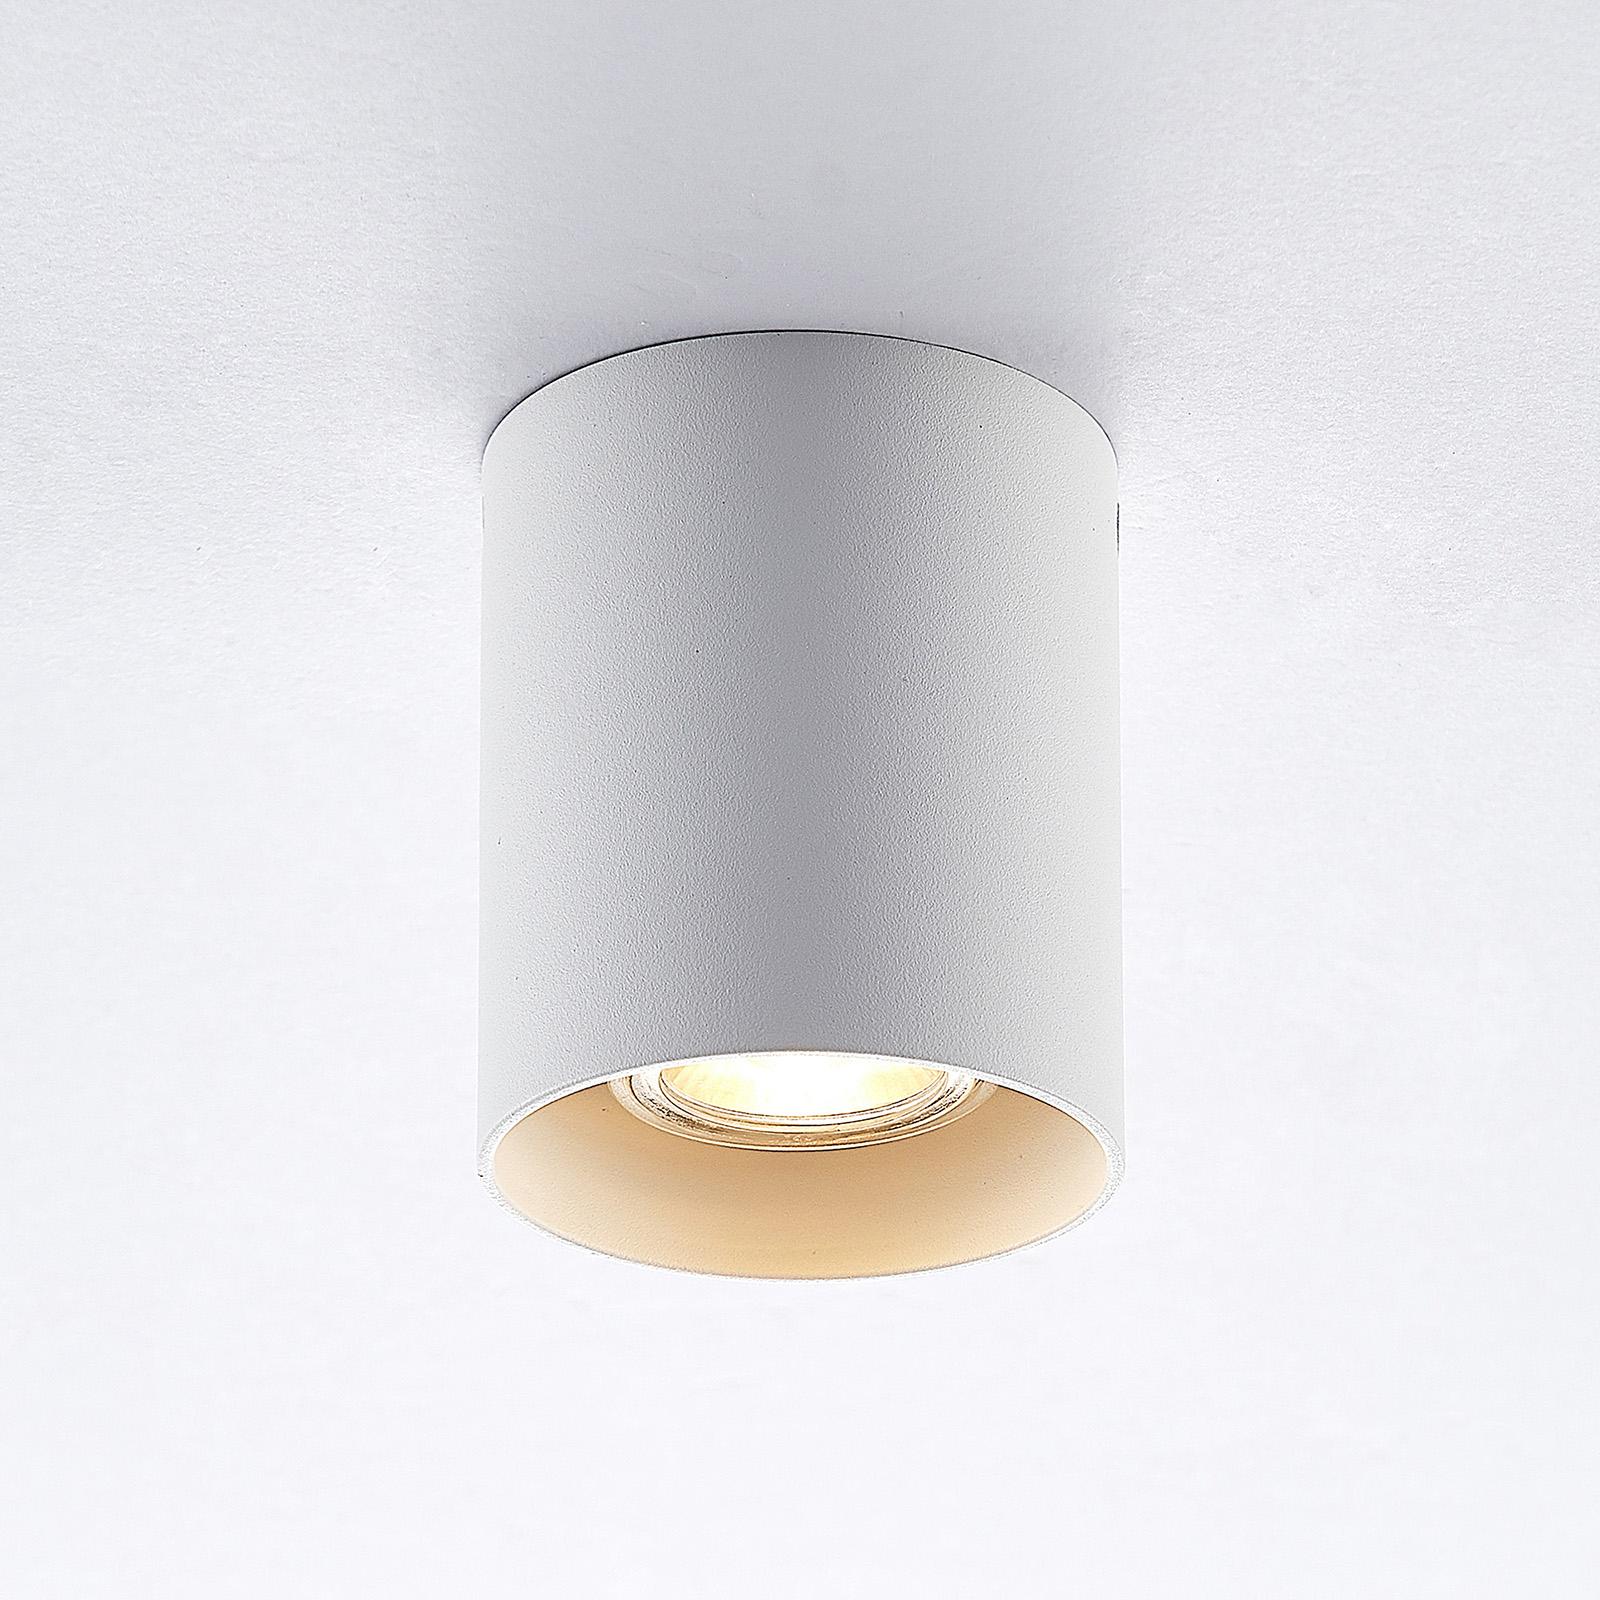 ELC Efey Deckenlampe, GU10, rund, weiß